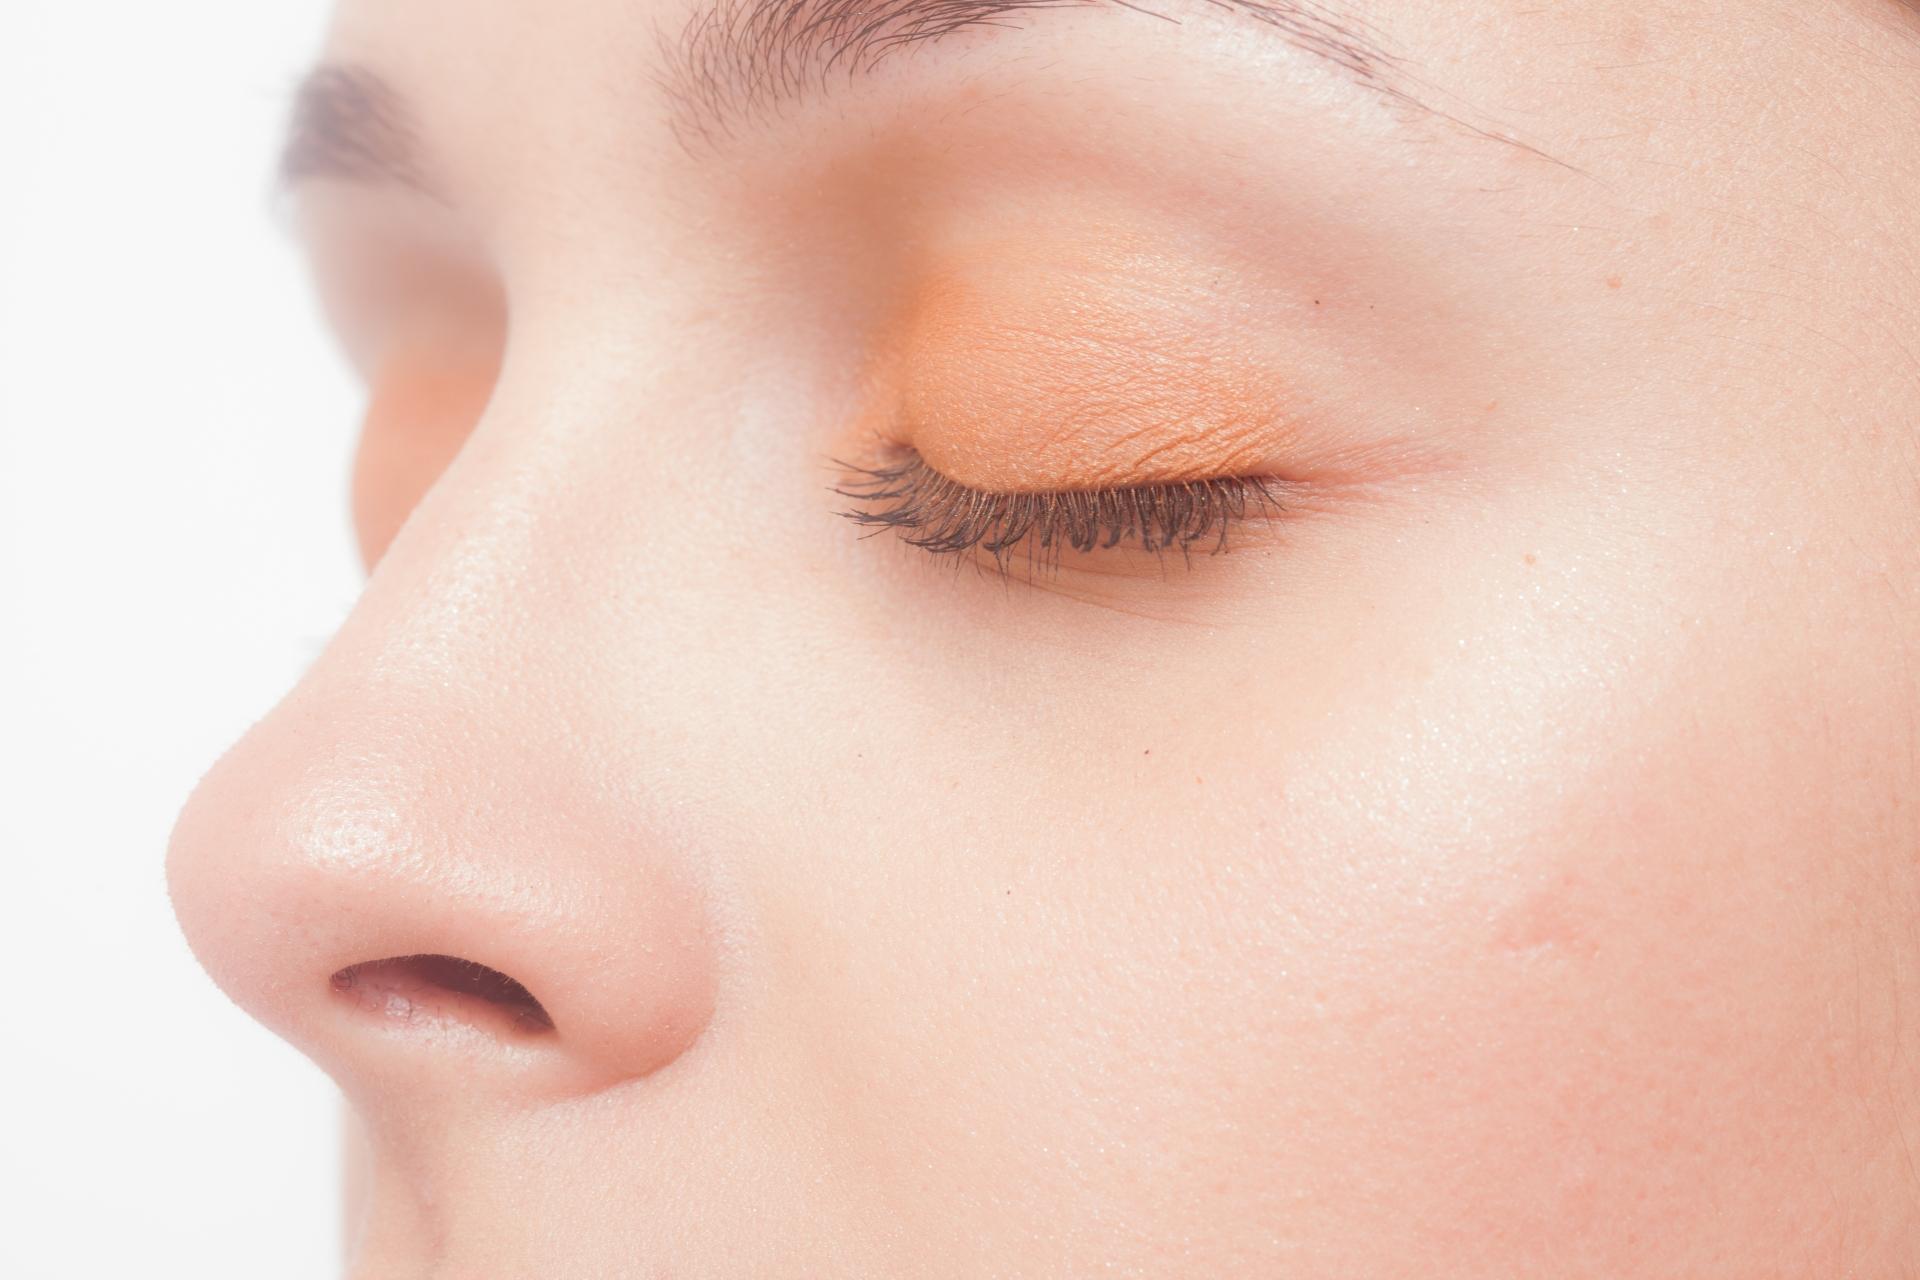 鼻毛の正しい脱毛方法とは?鼻のムダ毛処理のNG方法もご紹介。